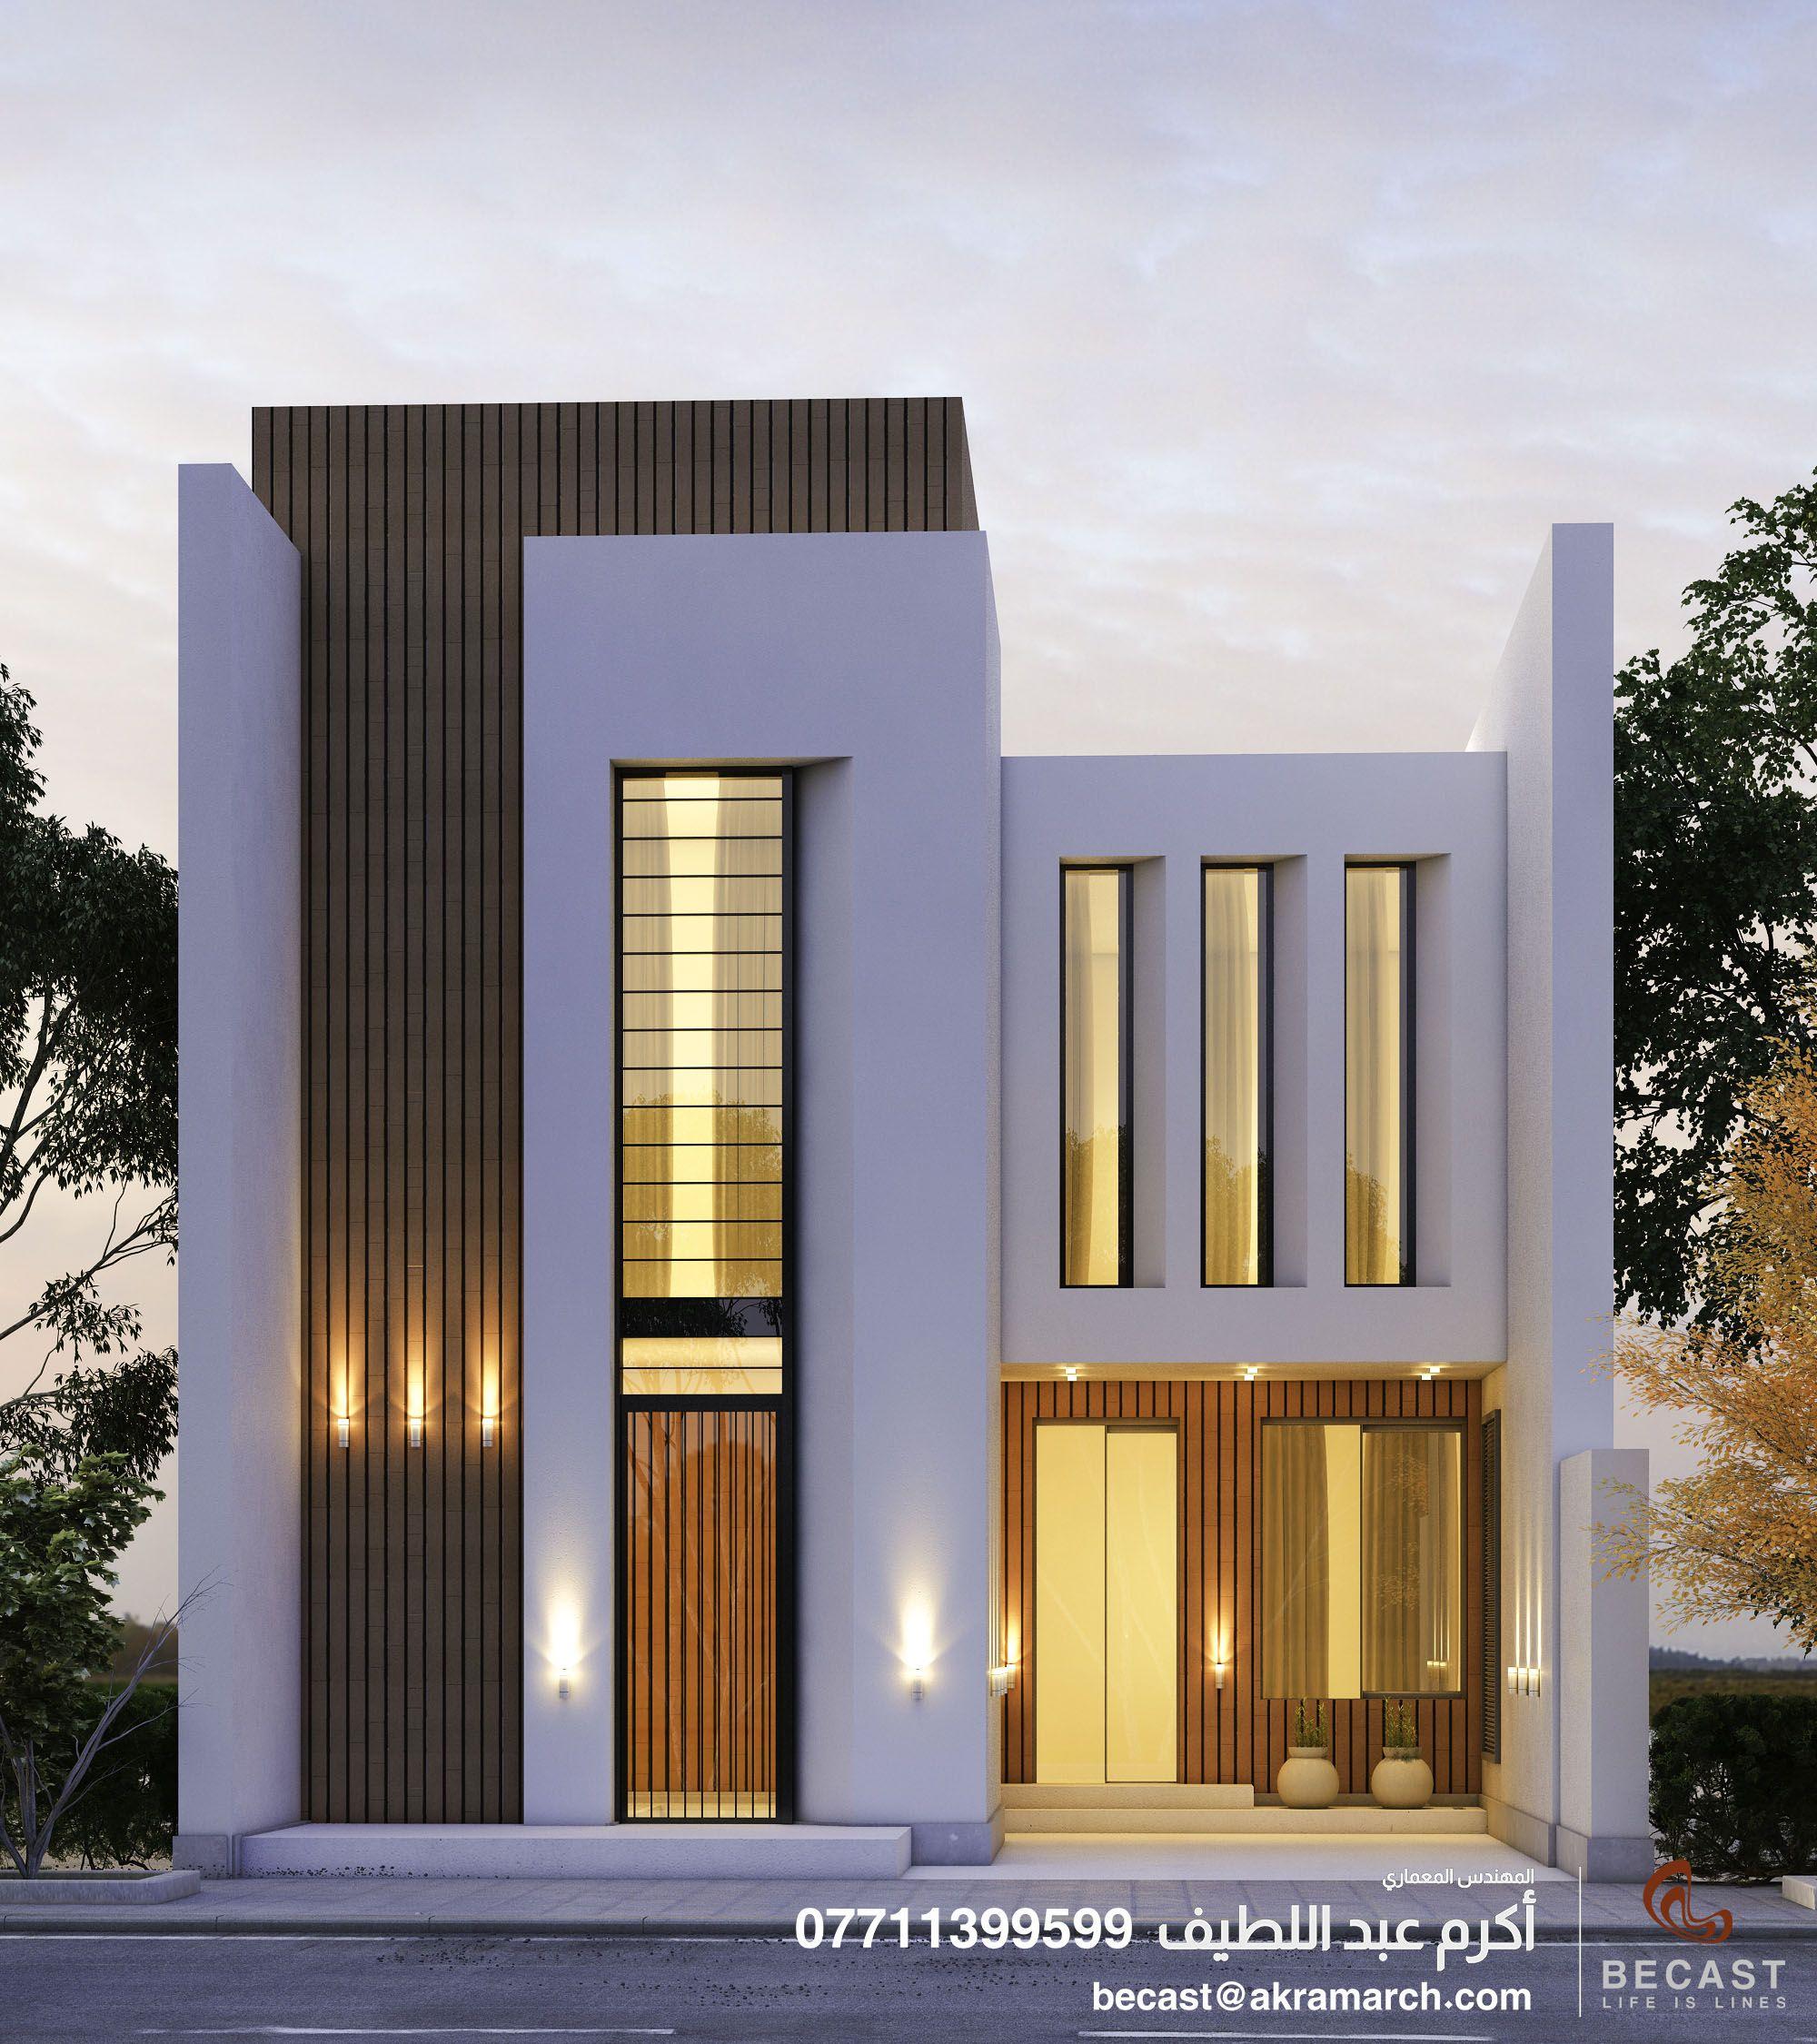 تصميم واجهة 8 متر لمنزل في محافظة العمارة Dream House Plans House Styles House Design